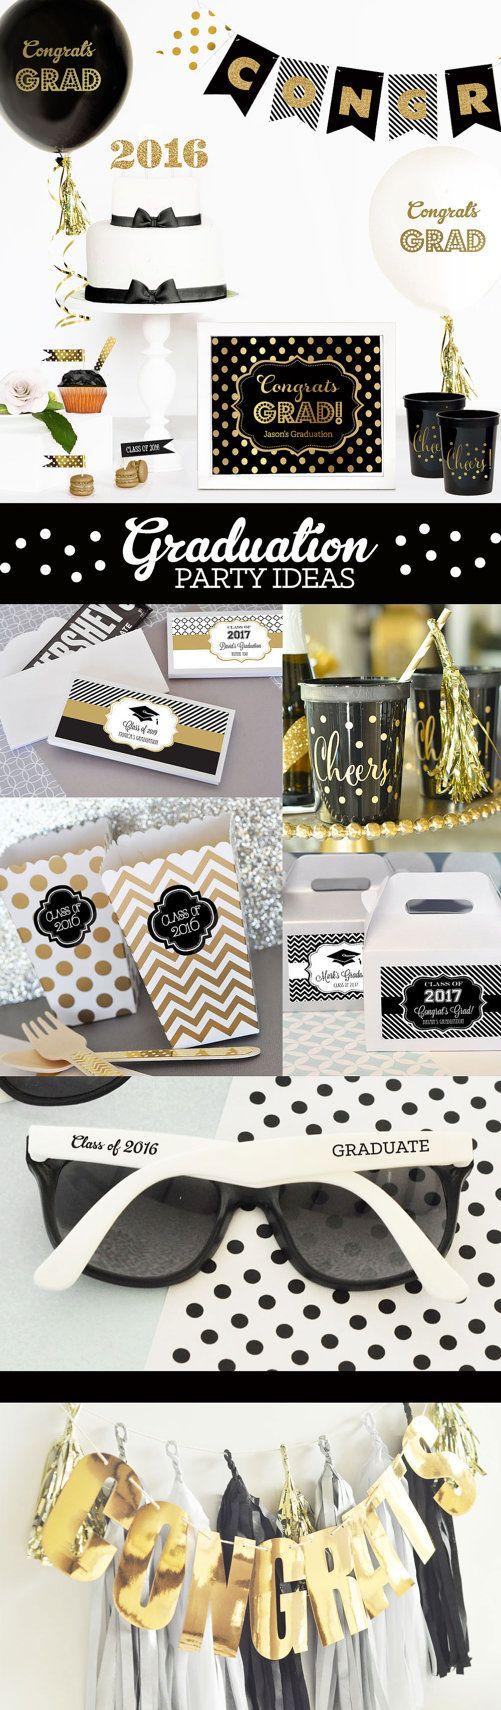 Ideas para una graduación / fiesta dorado y negro